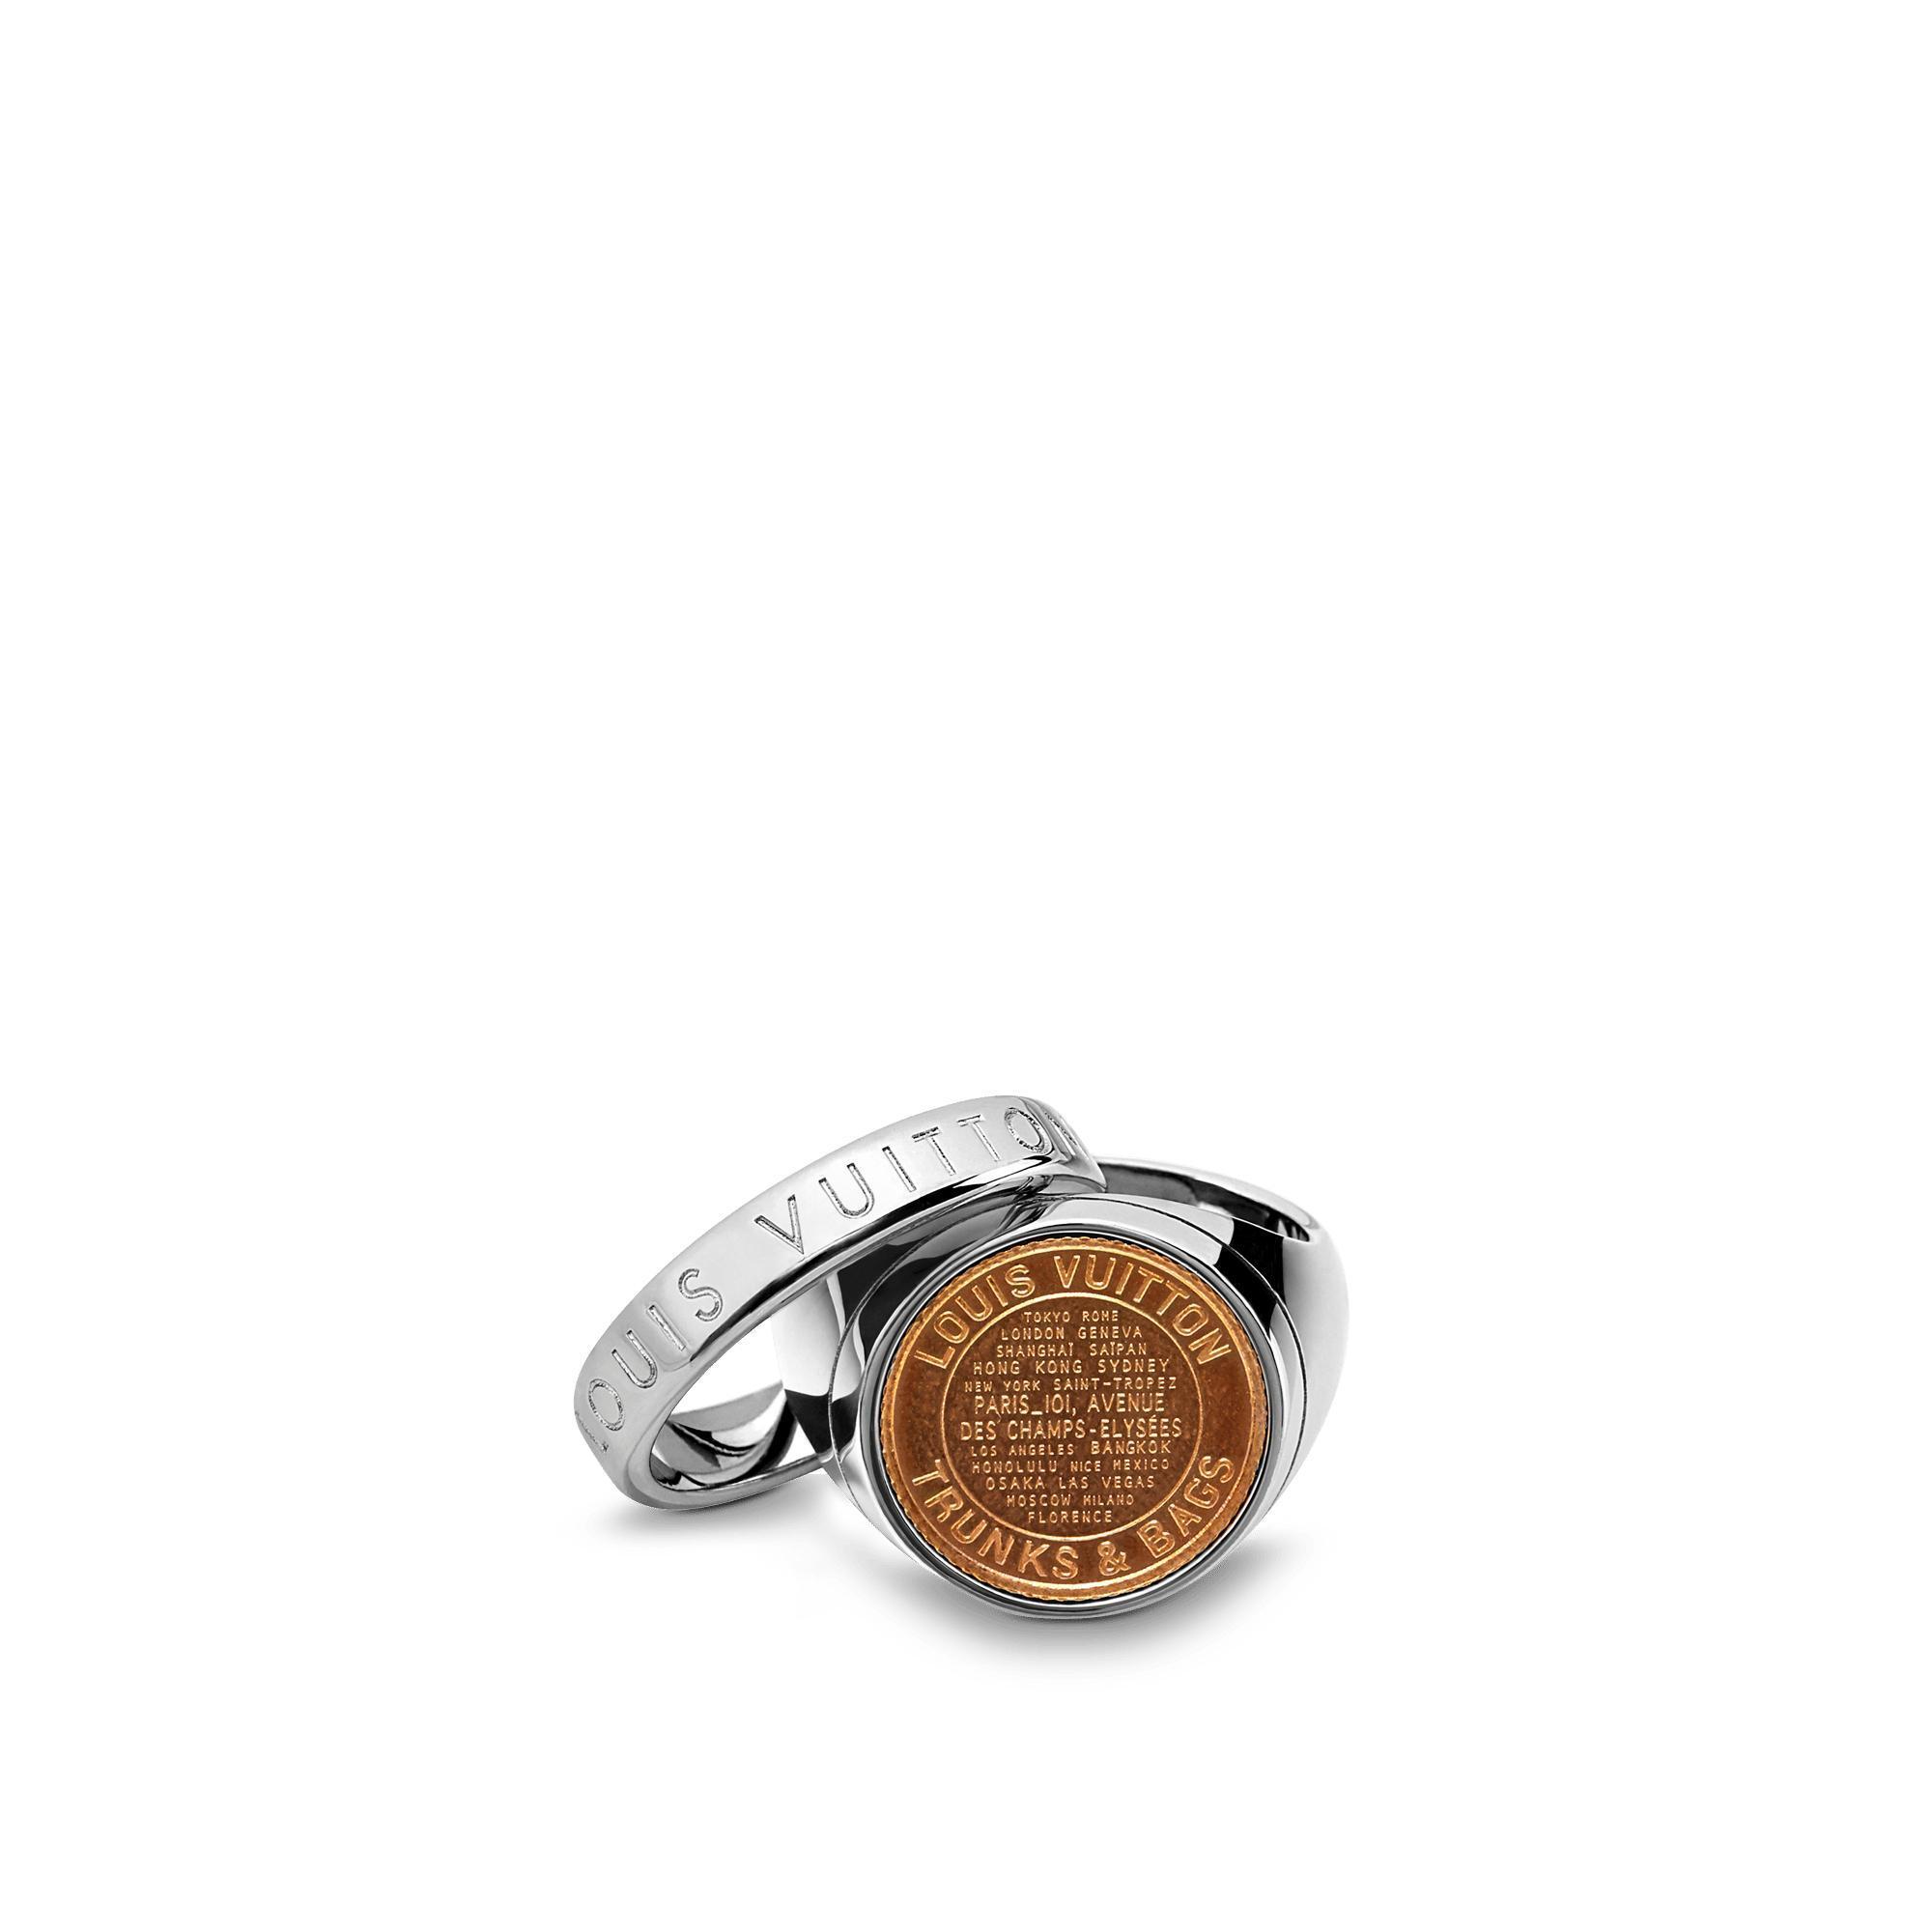 LOUIS VUITTON LV AMERICANA COIN RING